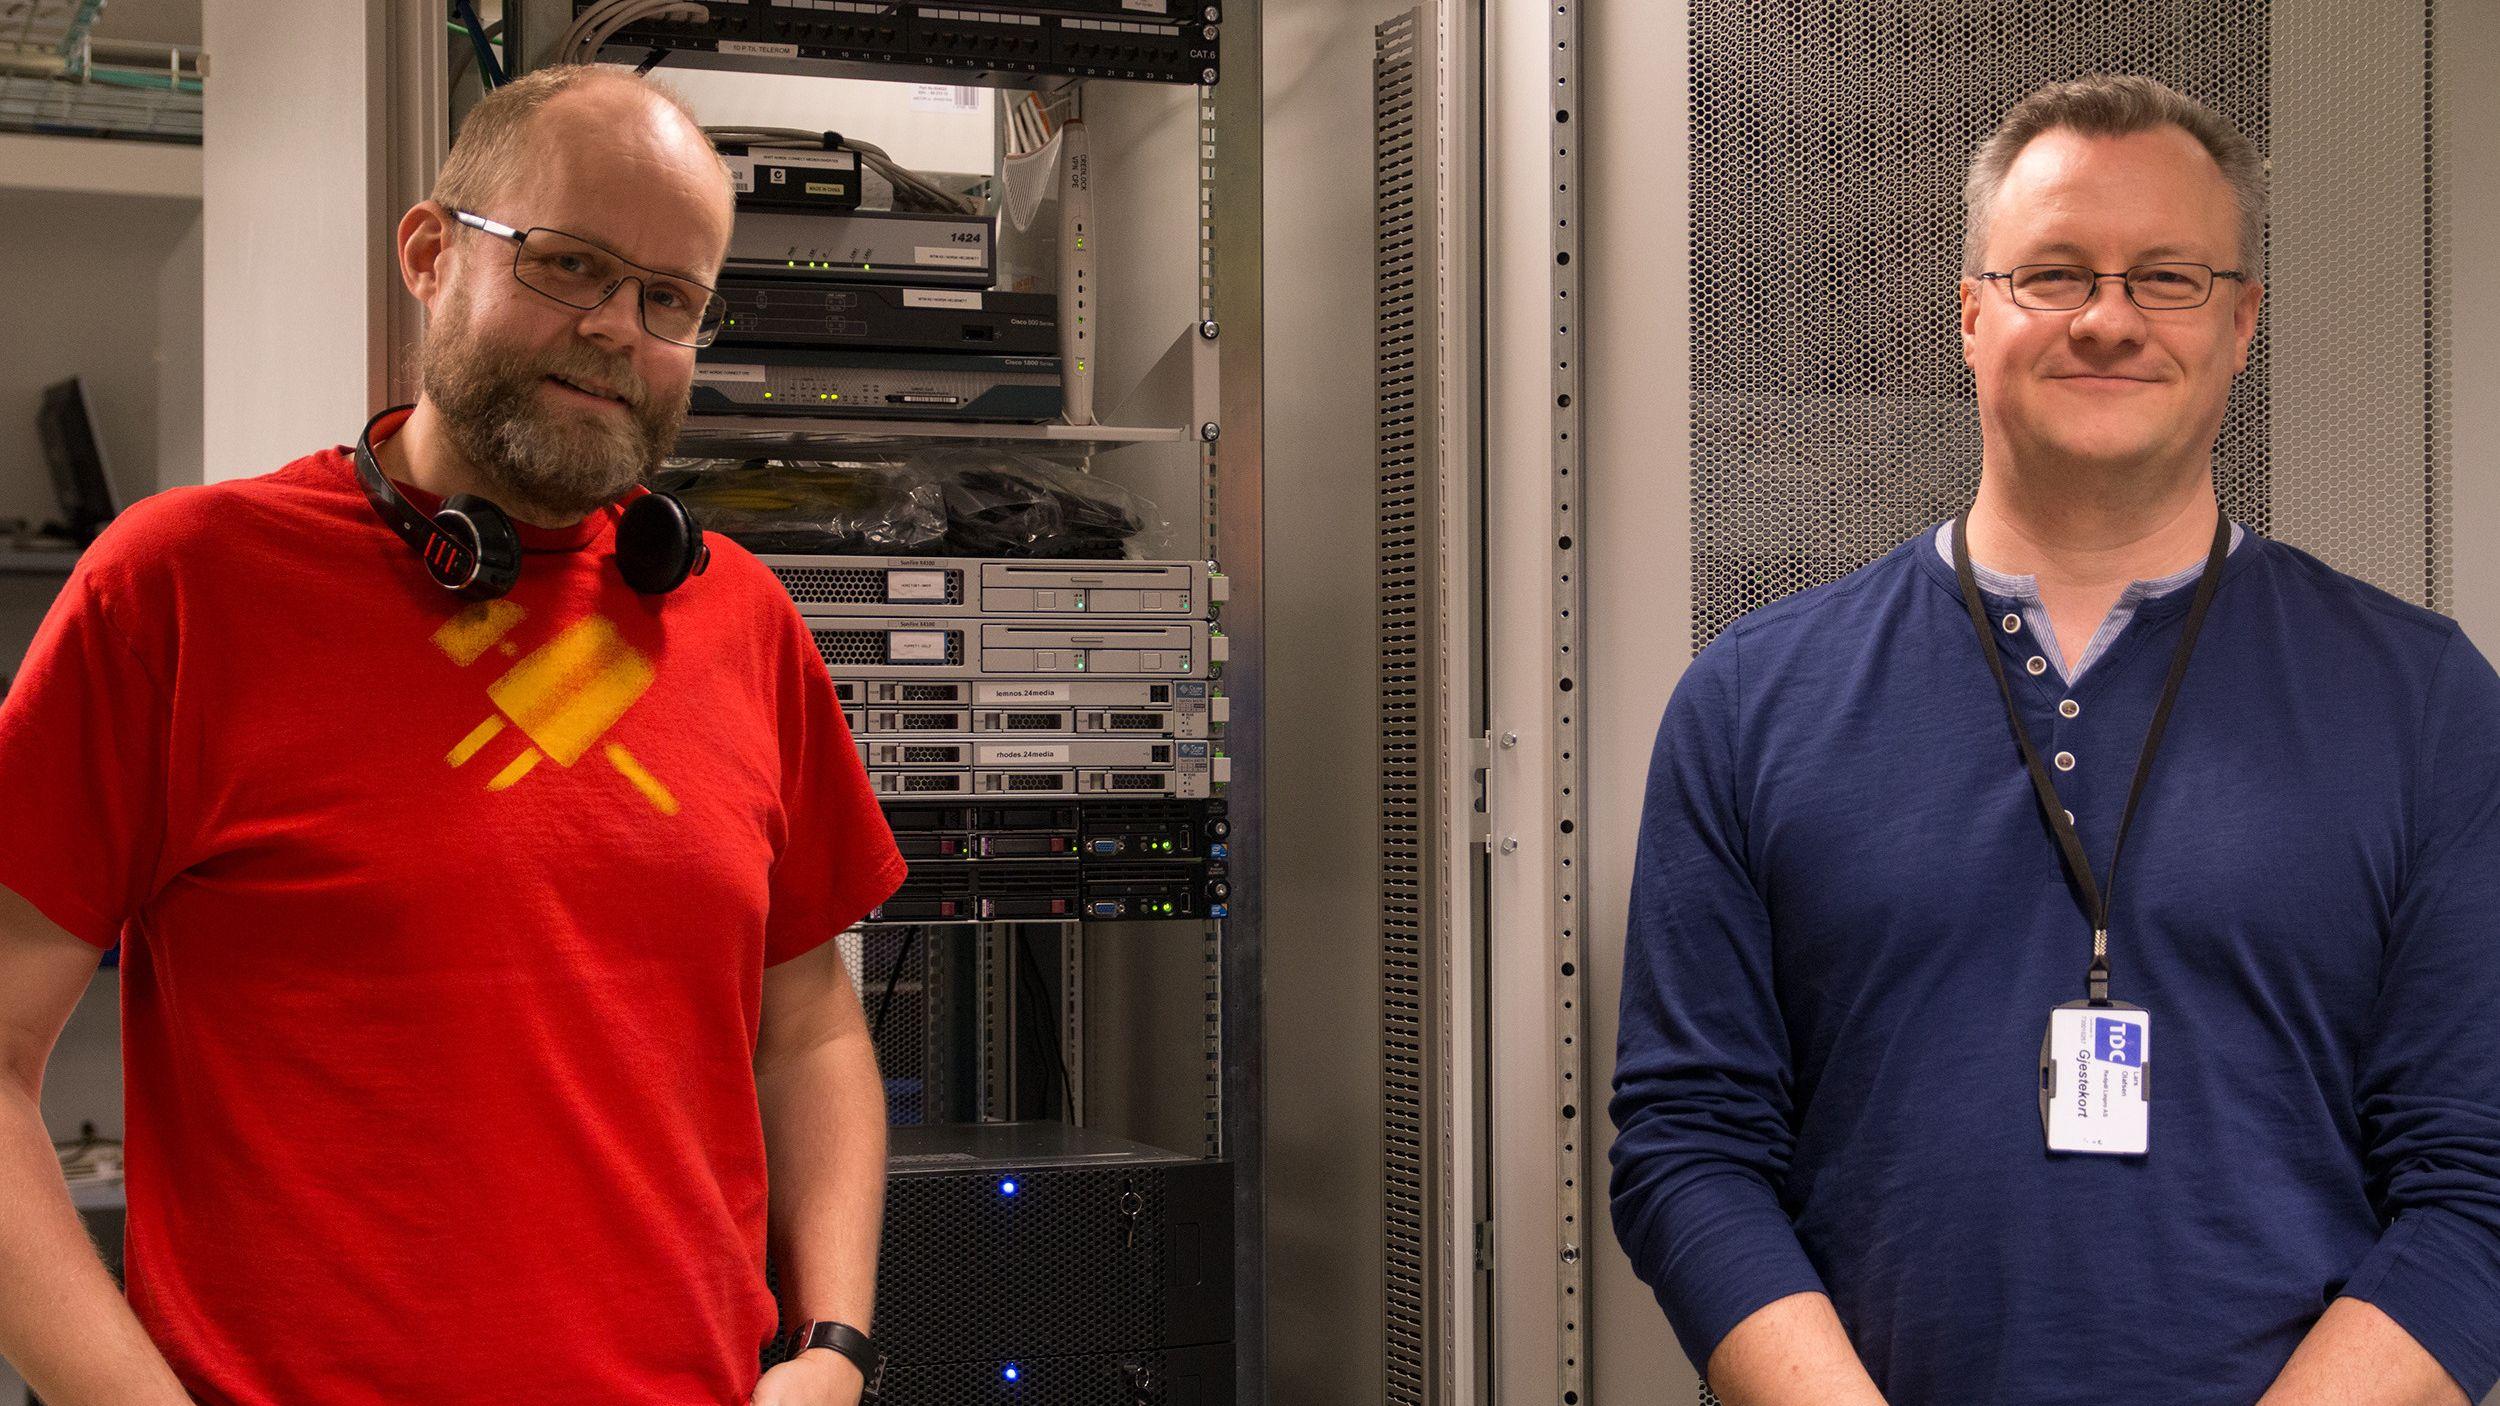 Ekspertene er sikre: SSD-er har blitt helt nødvendig